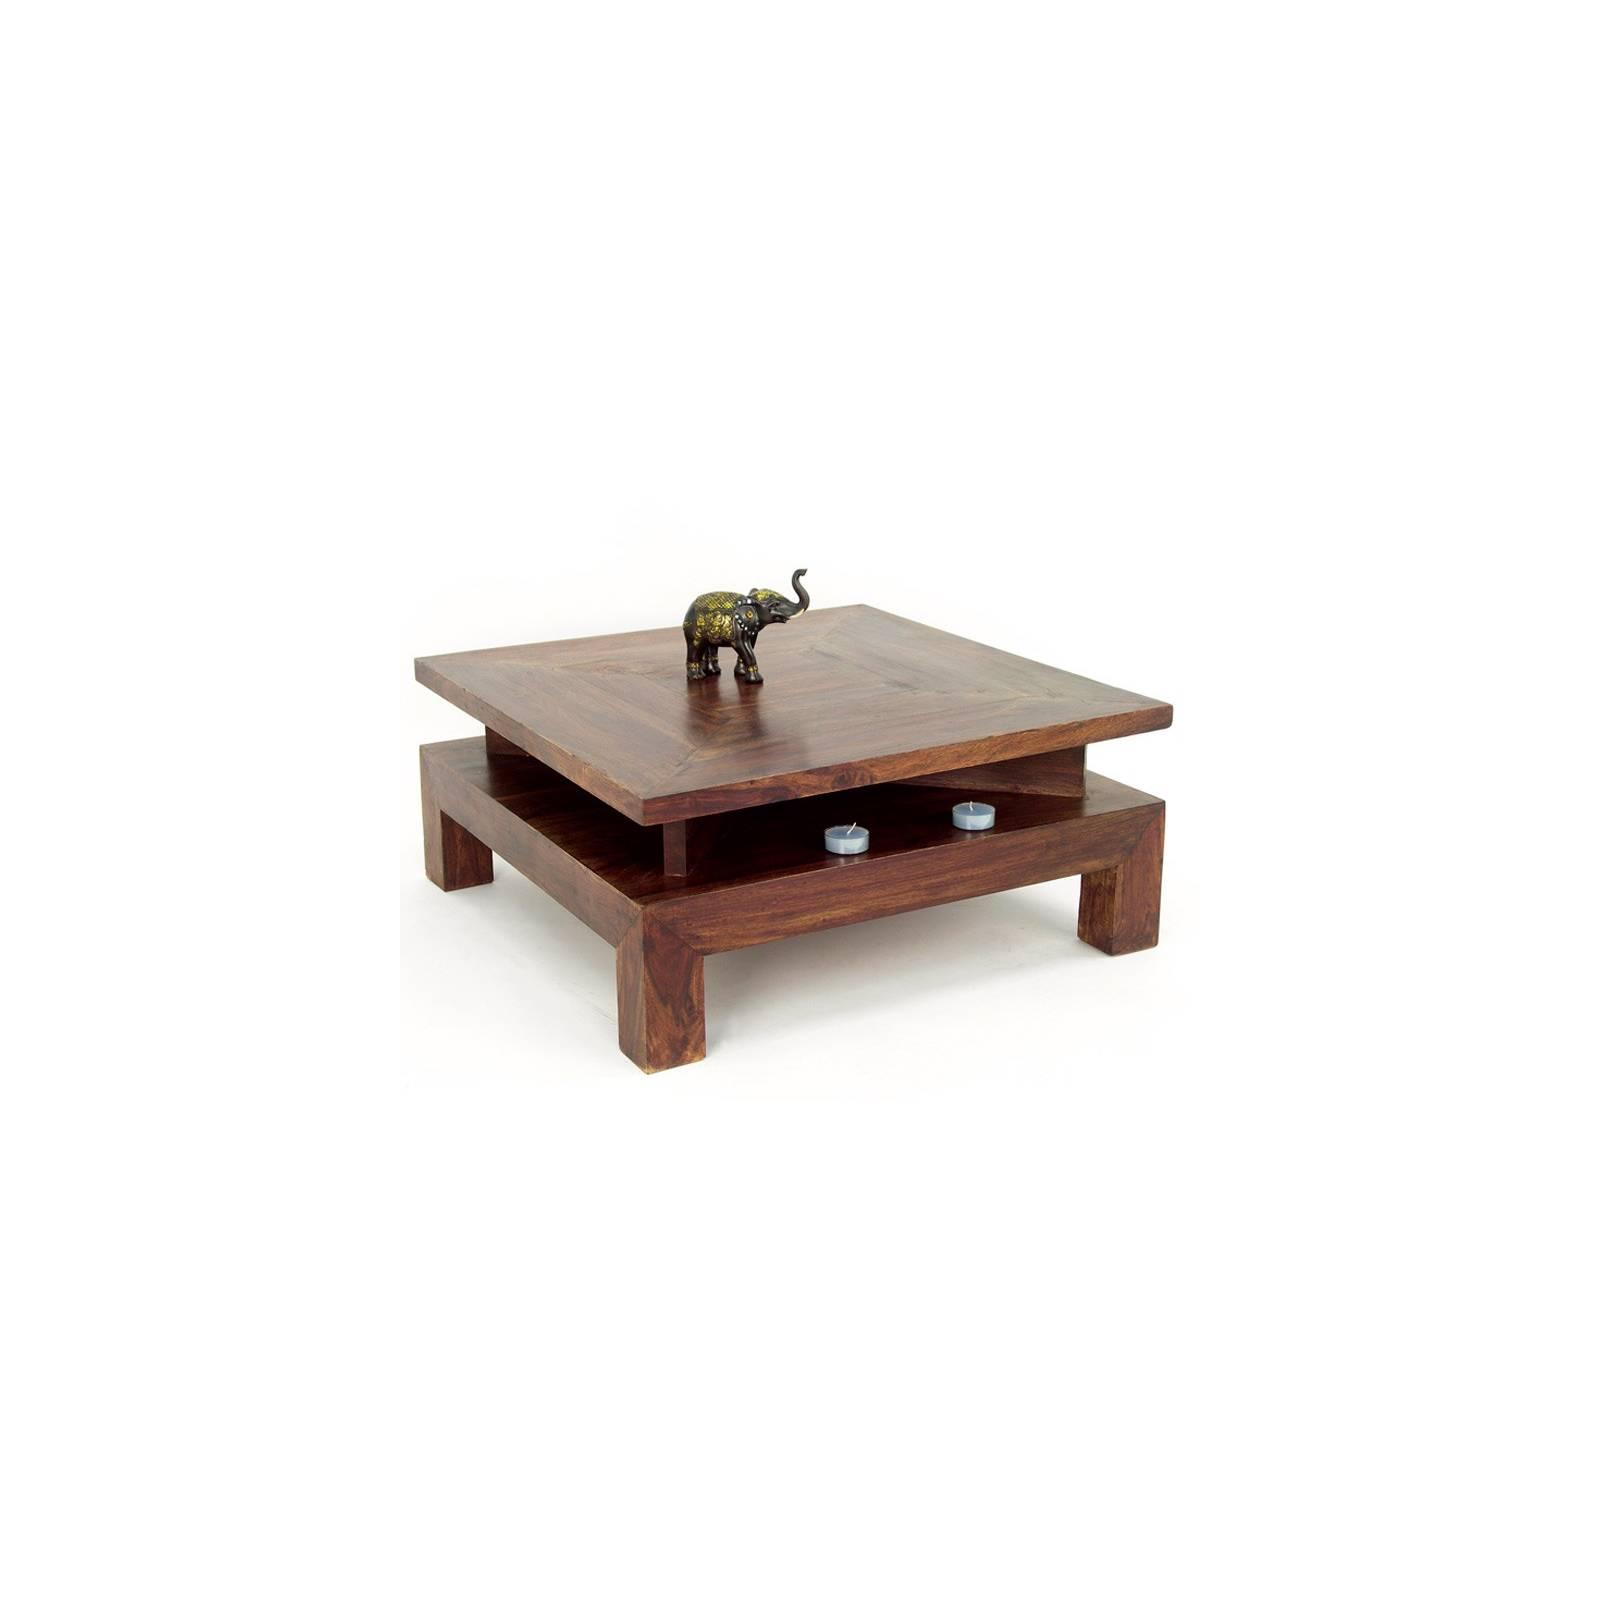 Table Basse Carrée Palissandre Zen - meuble en bois exotique